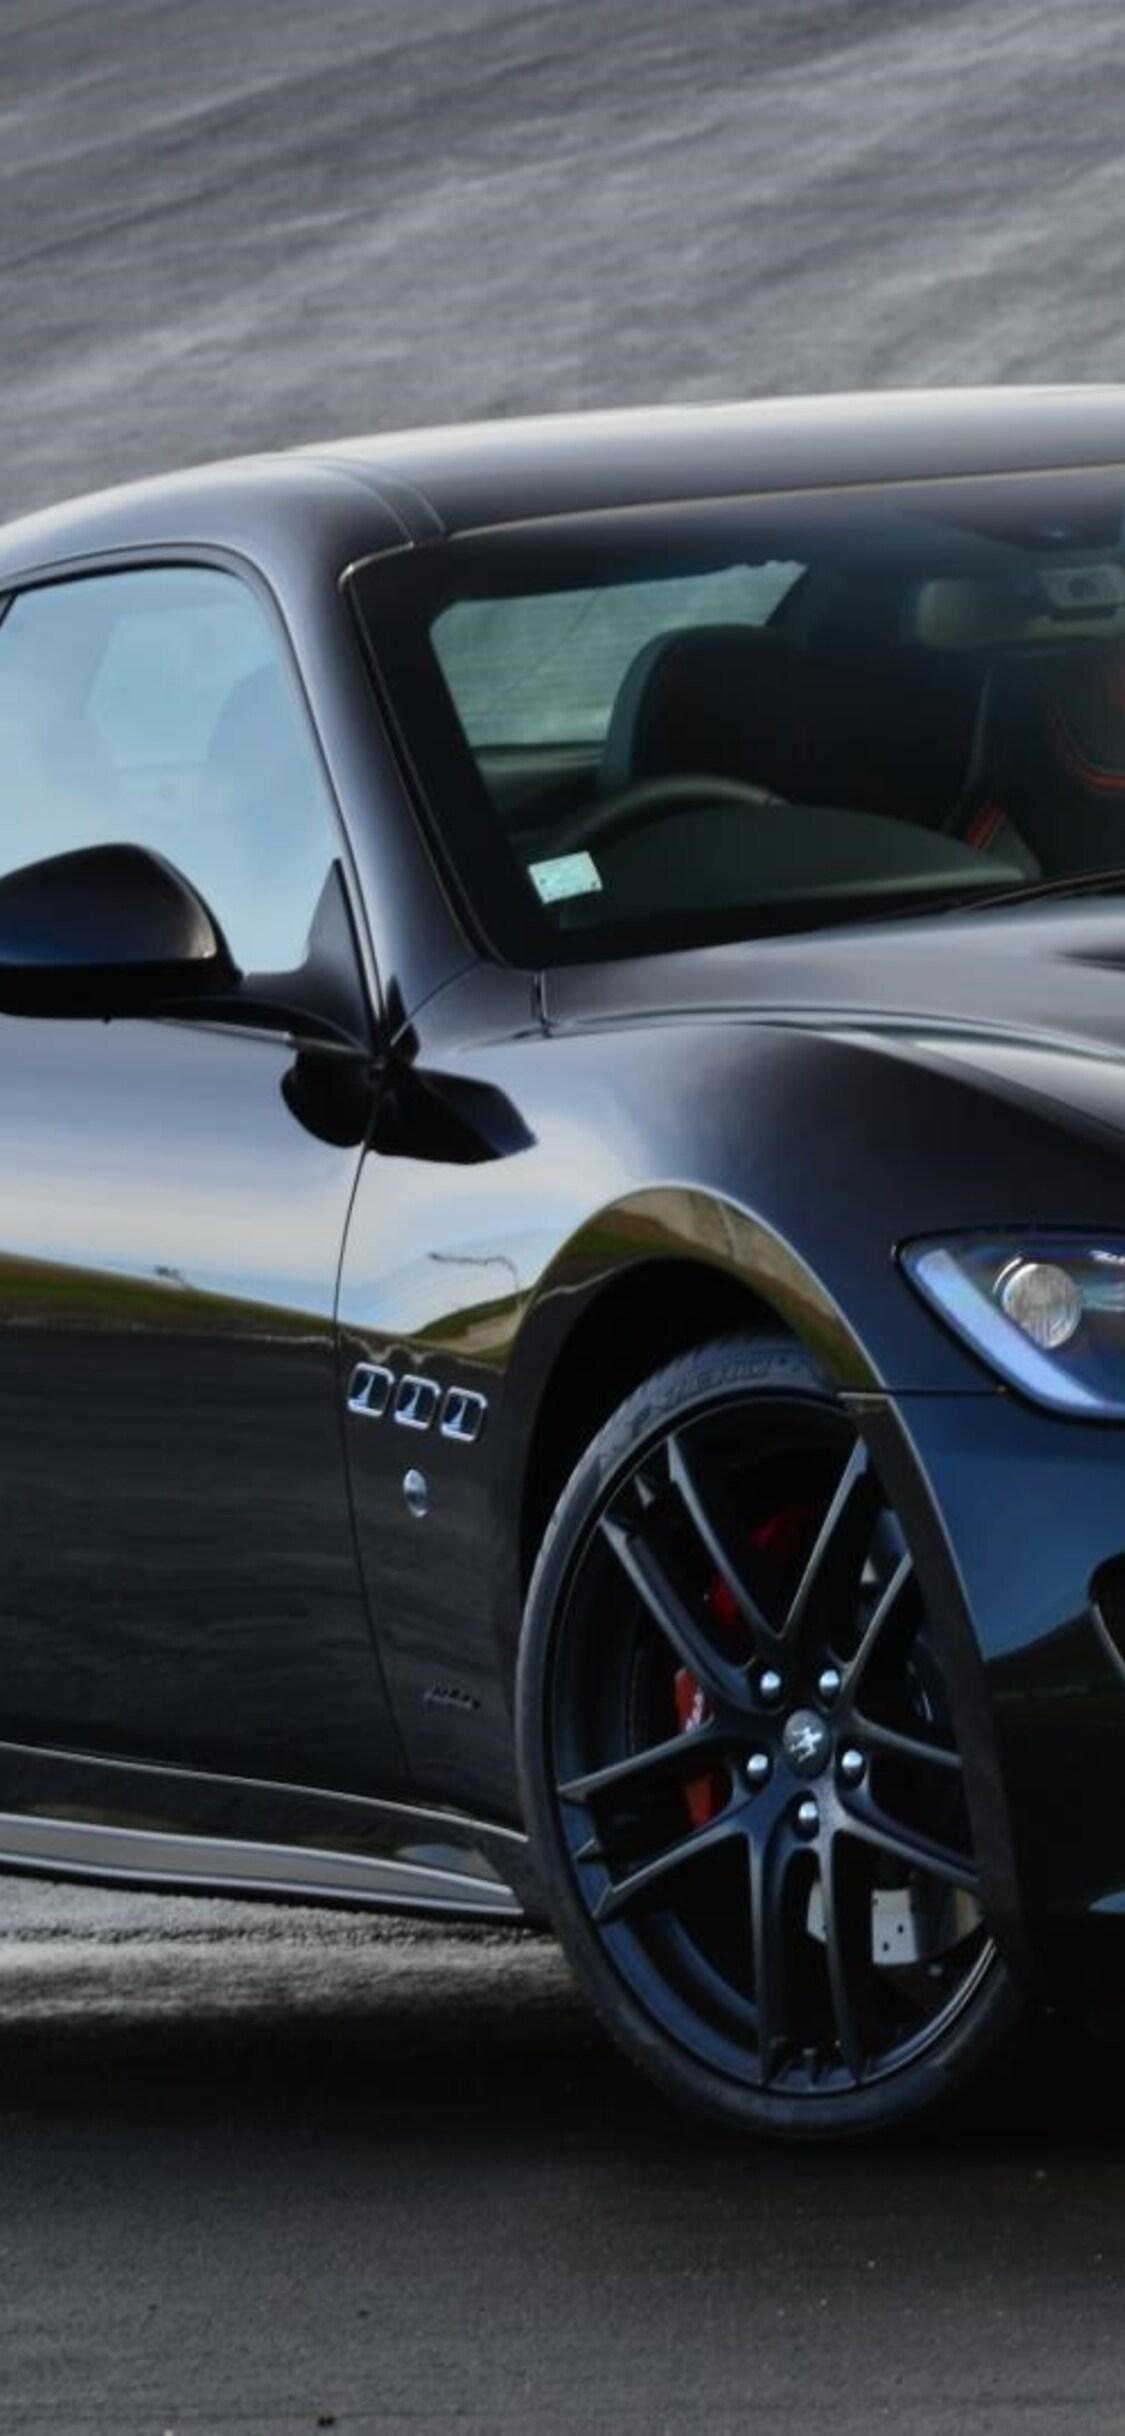 1125x2436 Maserati Gran Turismo Iphone Xs Iphone 10 Iphone X